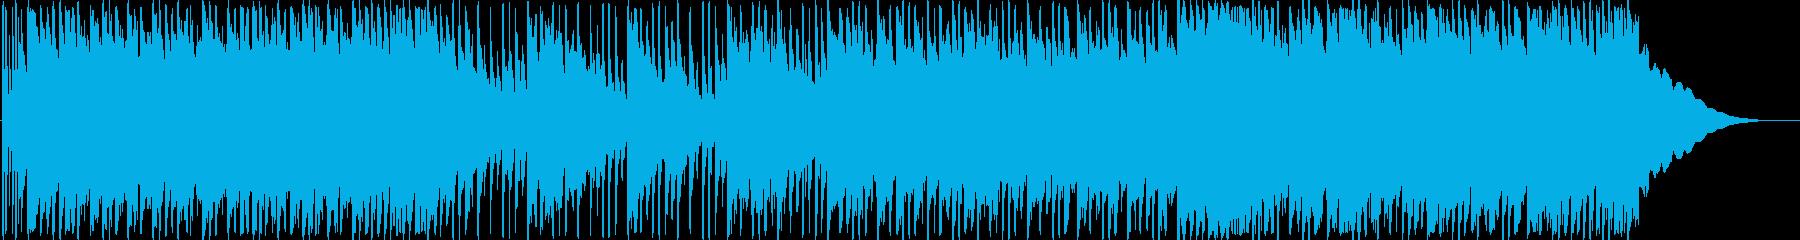 爽やかなミドルテンポのロックBGMの再生済みの波形